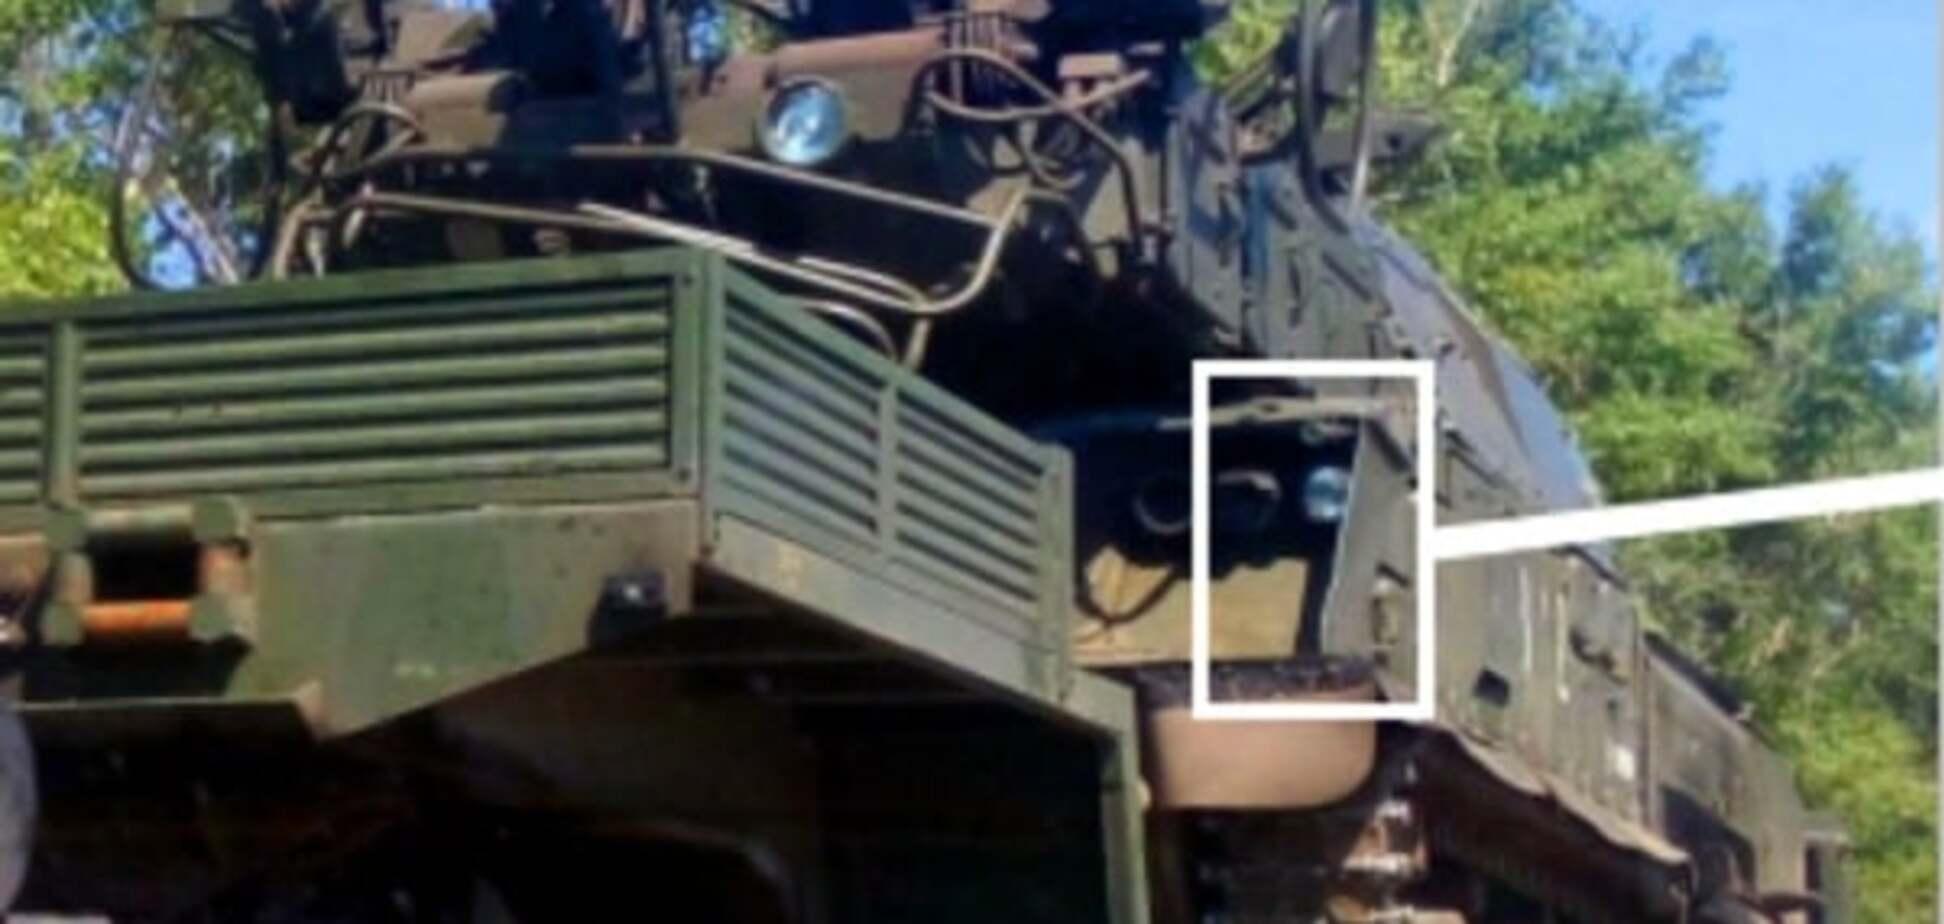 Крушение MH17: в Bellingcat рассказали, как вычислили 'Бук', из которого сбили Boeing 777